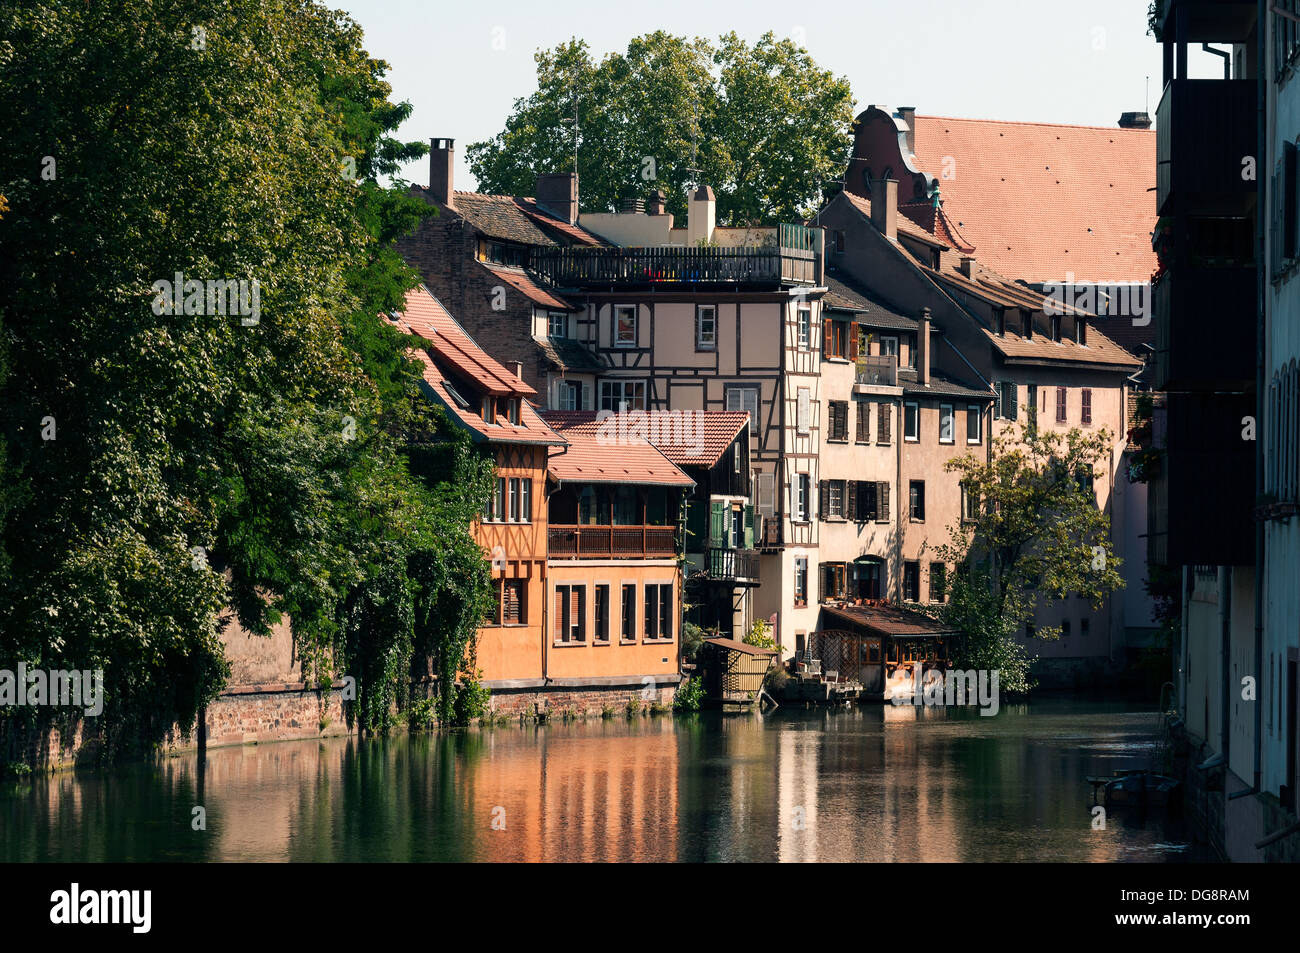 Elk213 1078 France, Alsace, Strasbourg, La Petite France, Canal With Half